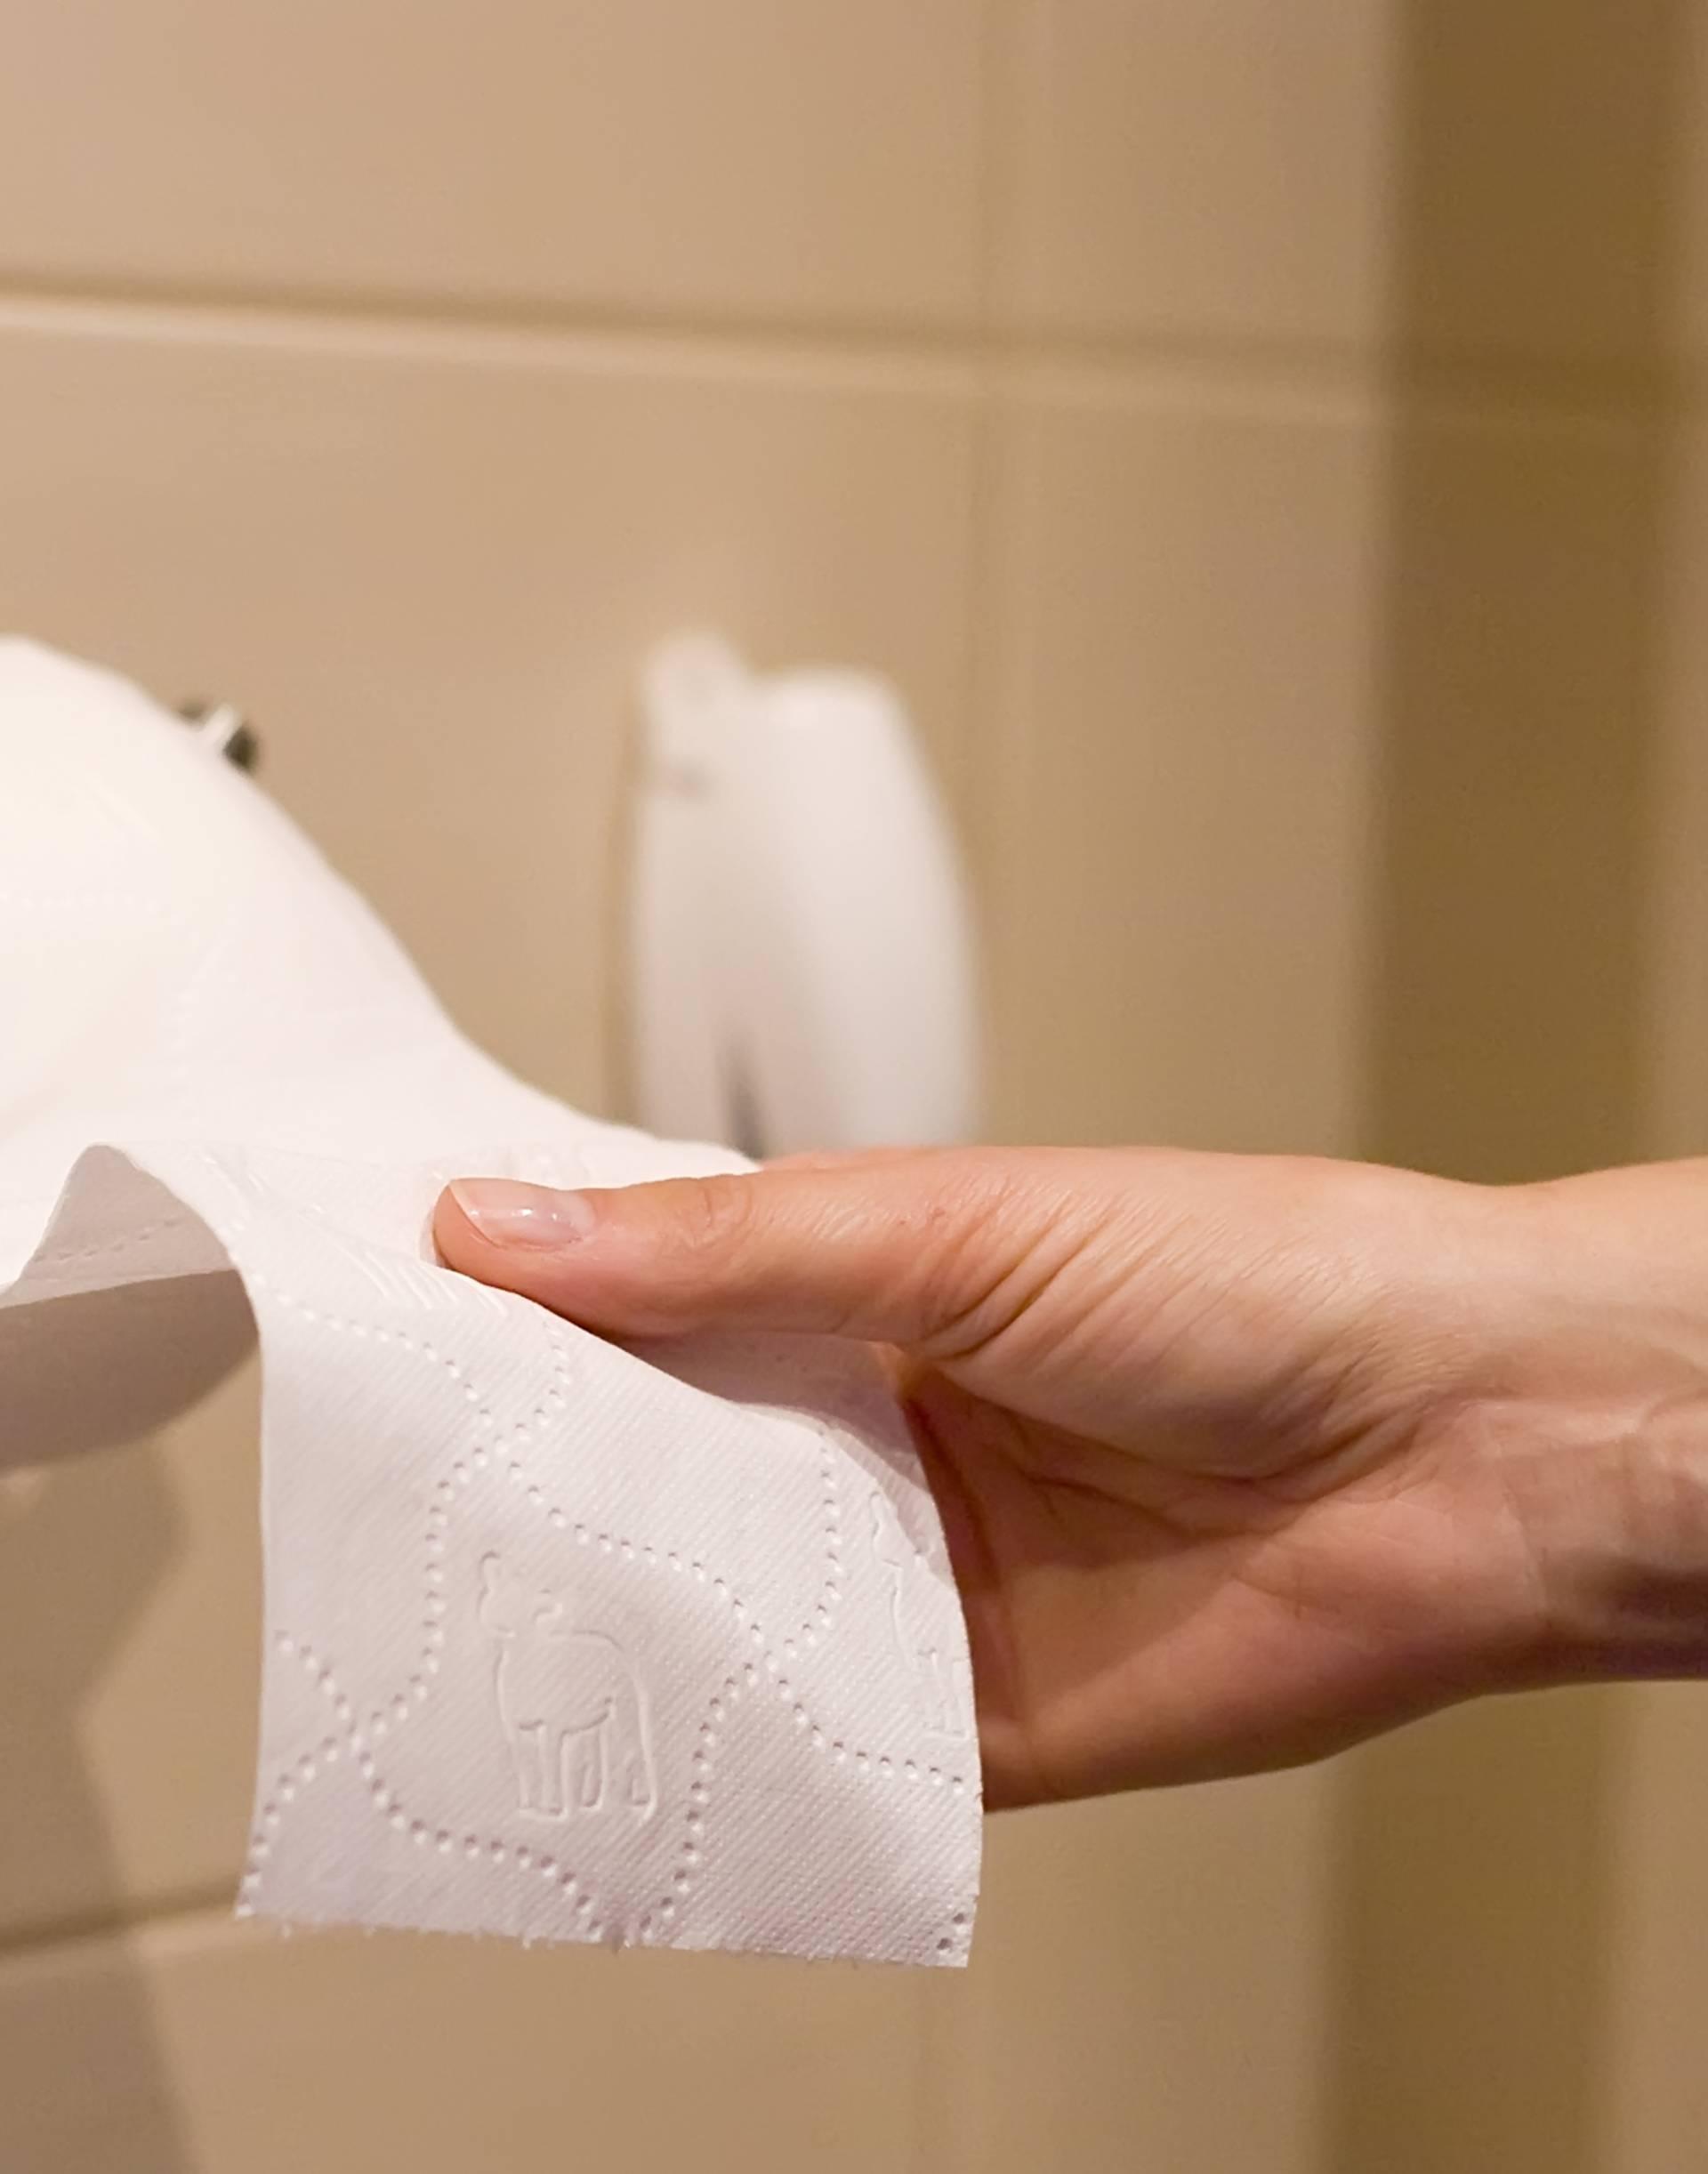 Od štapa do kukuruza: Što je sve nekad služilo kao WC papir